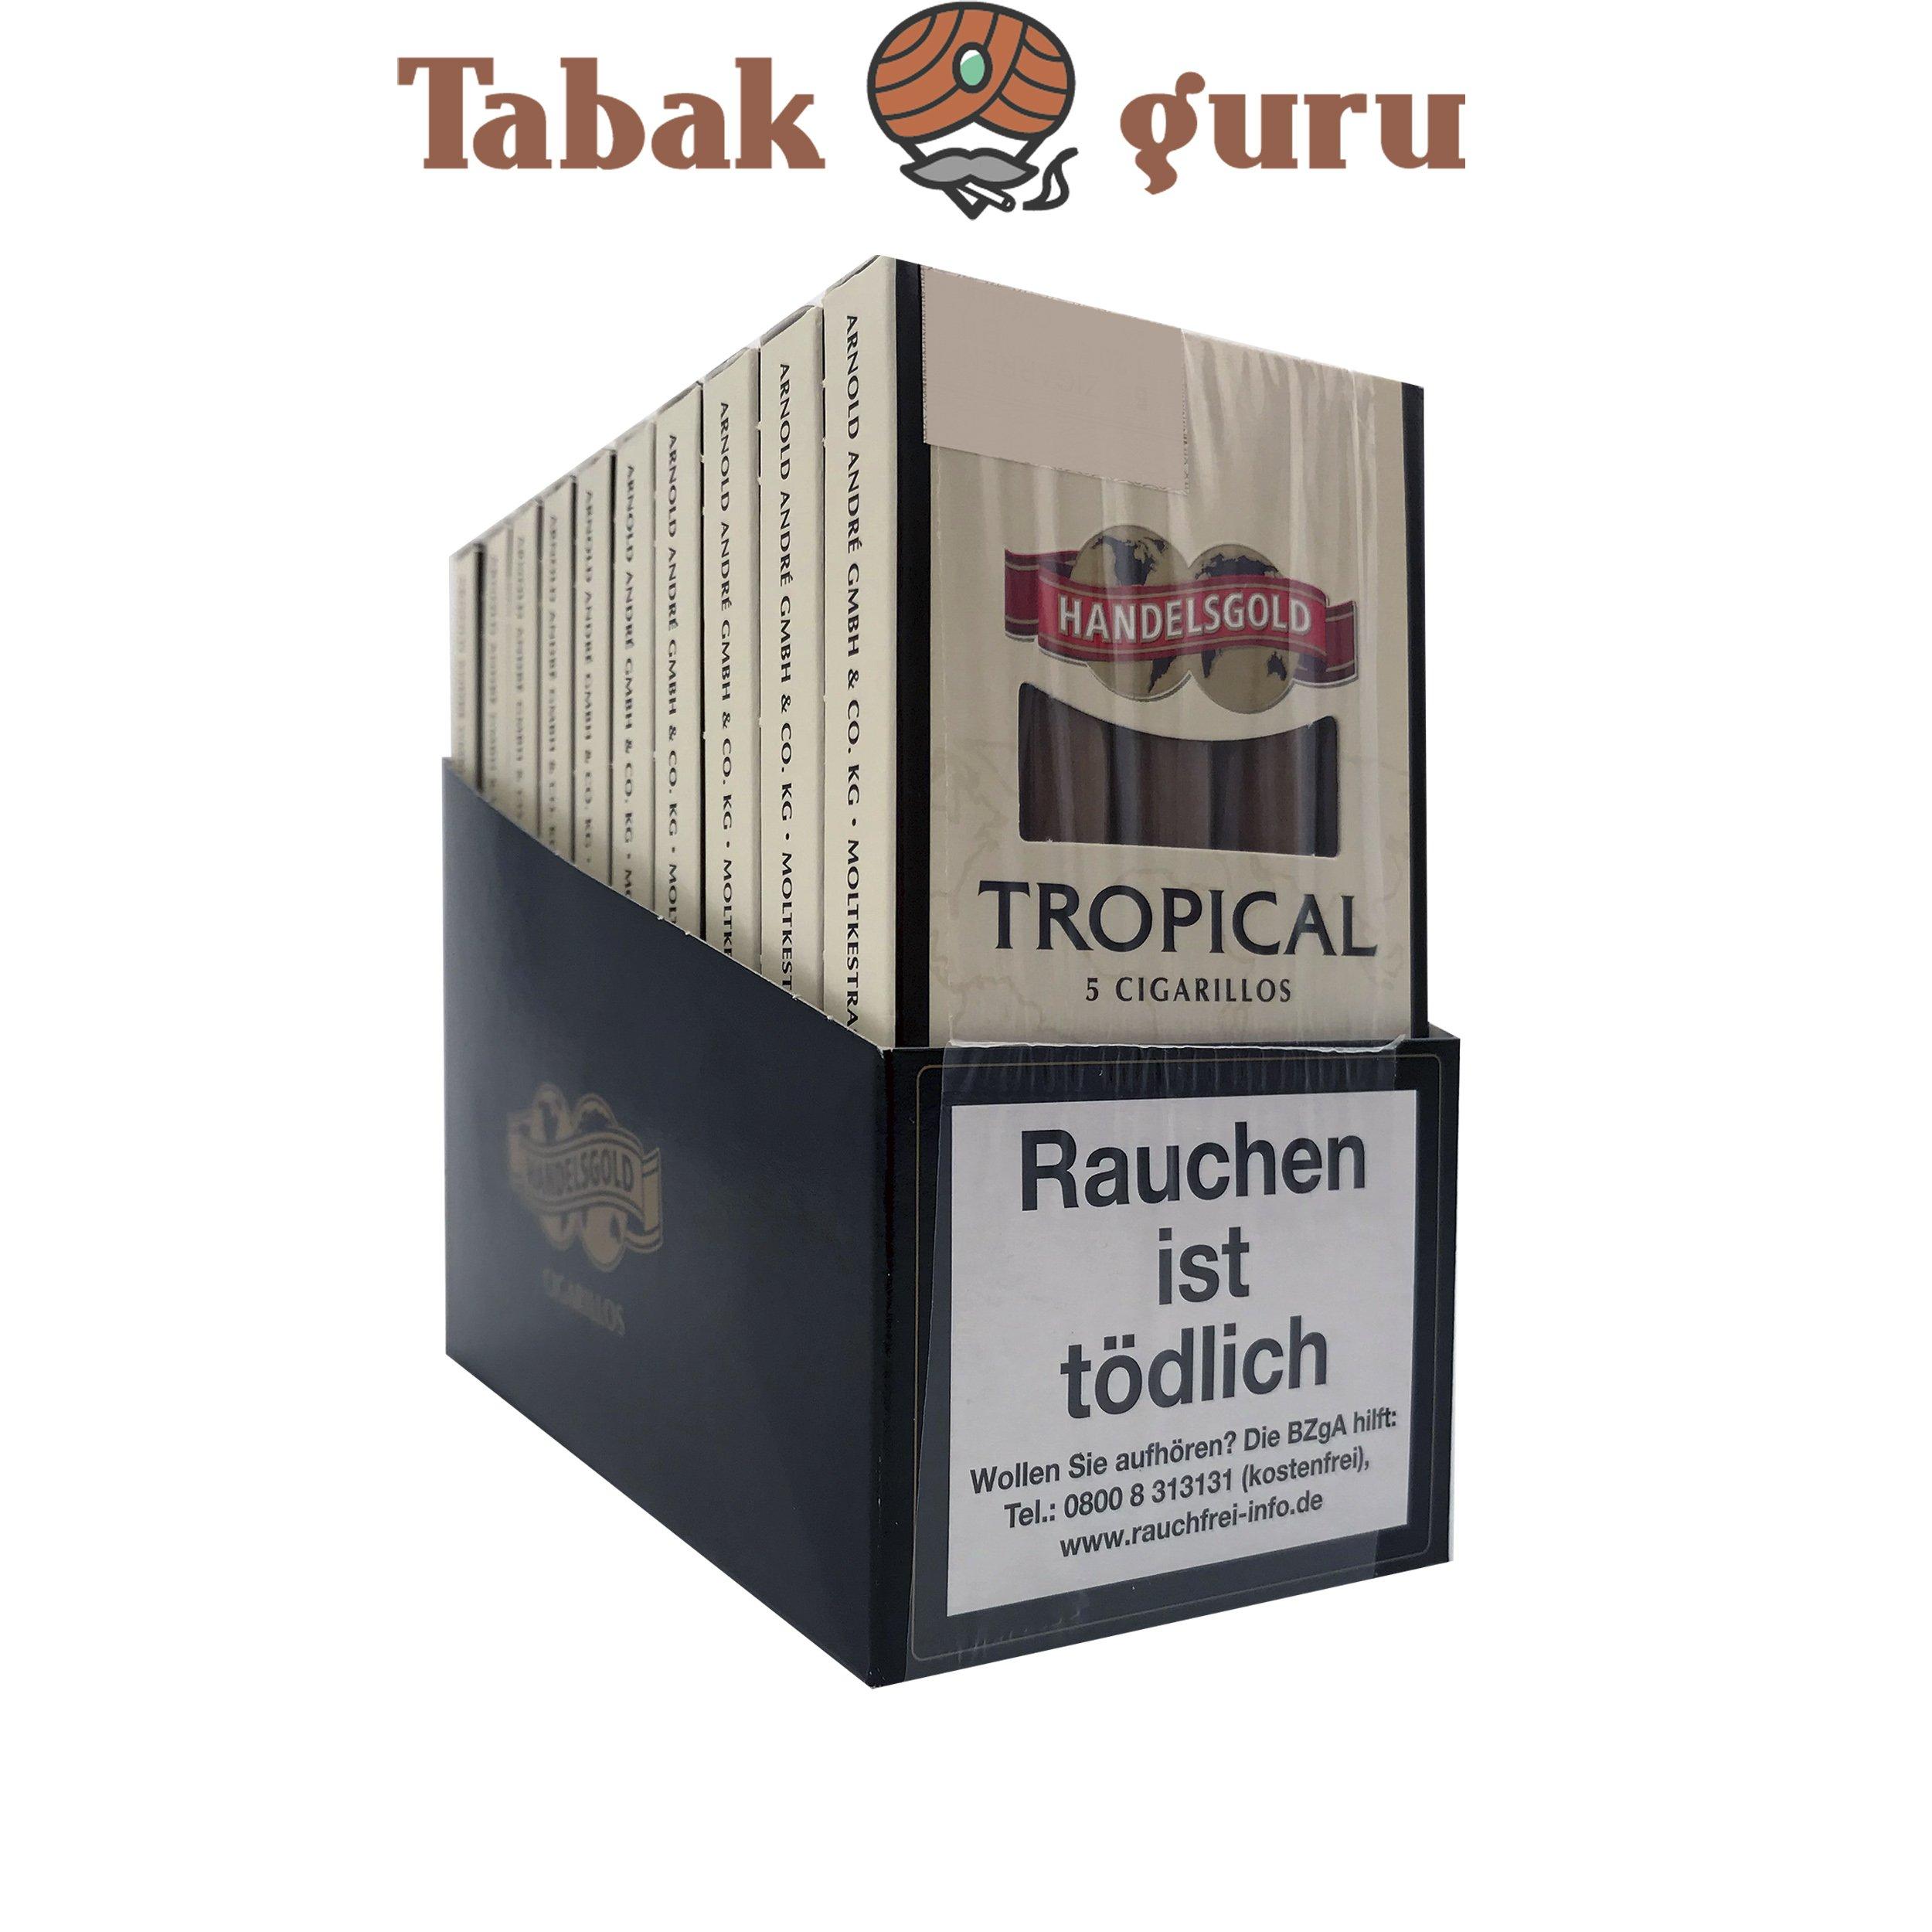 10x Handelsgold No. 190 Tropical Filterzigarillos à 5 Stück